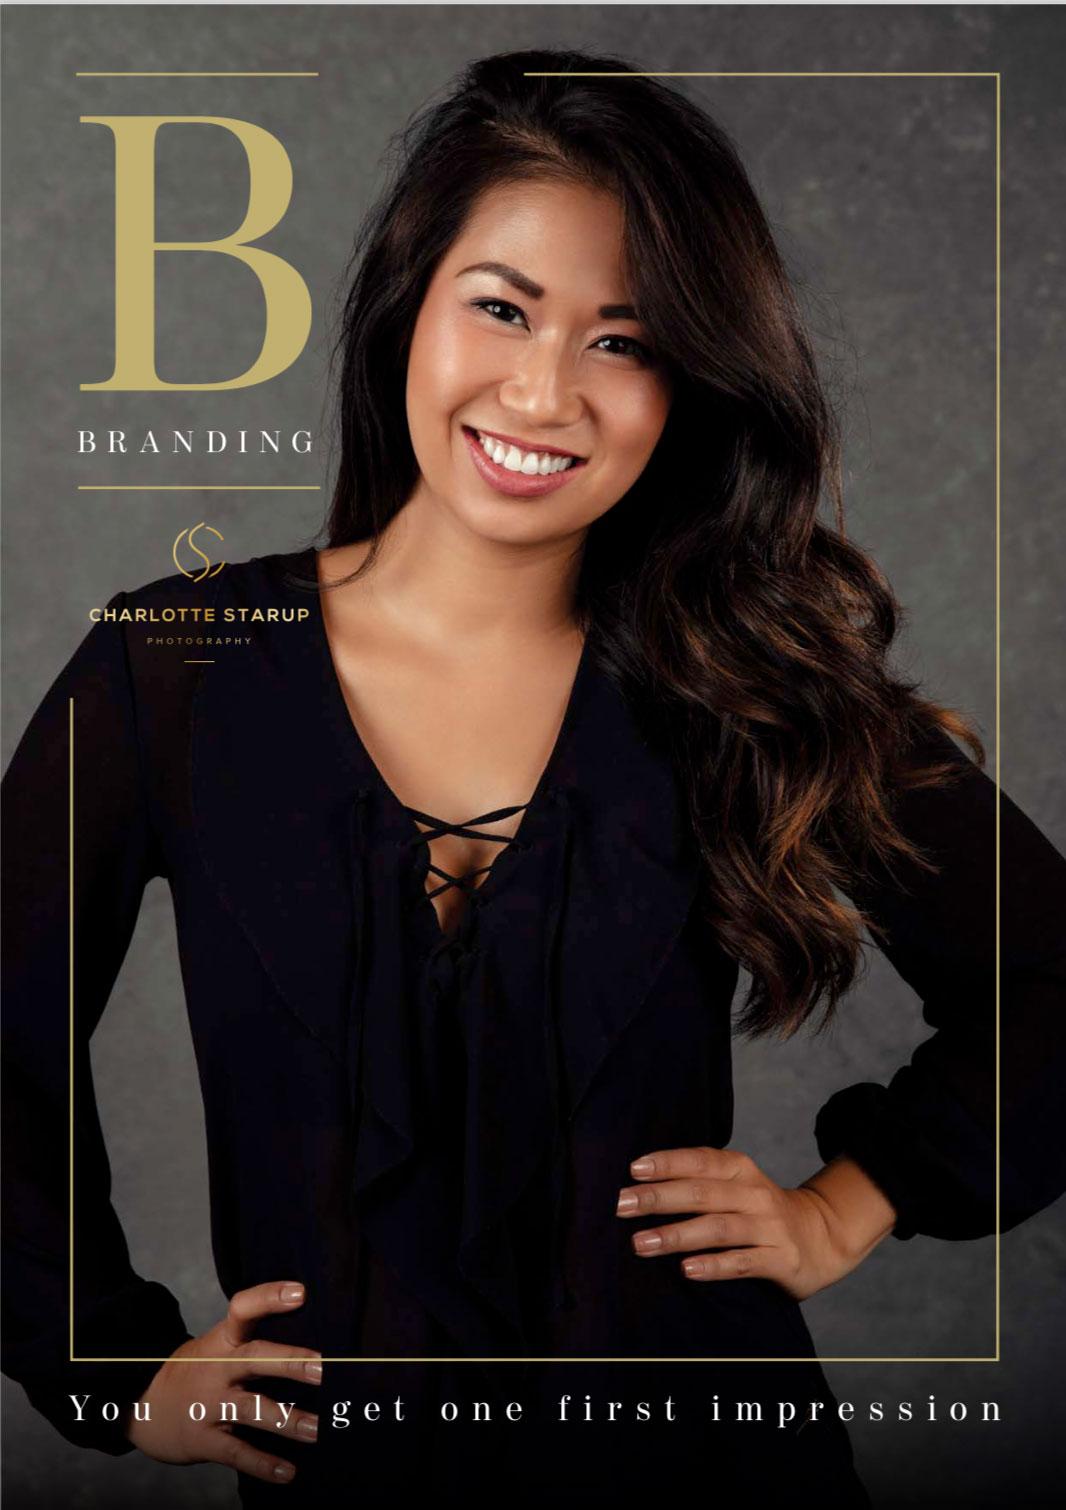 Branded_Magazine_cover_starupphoto.jpg